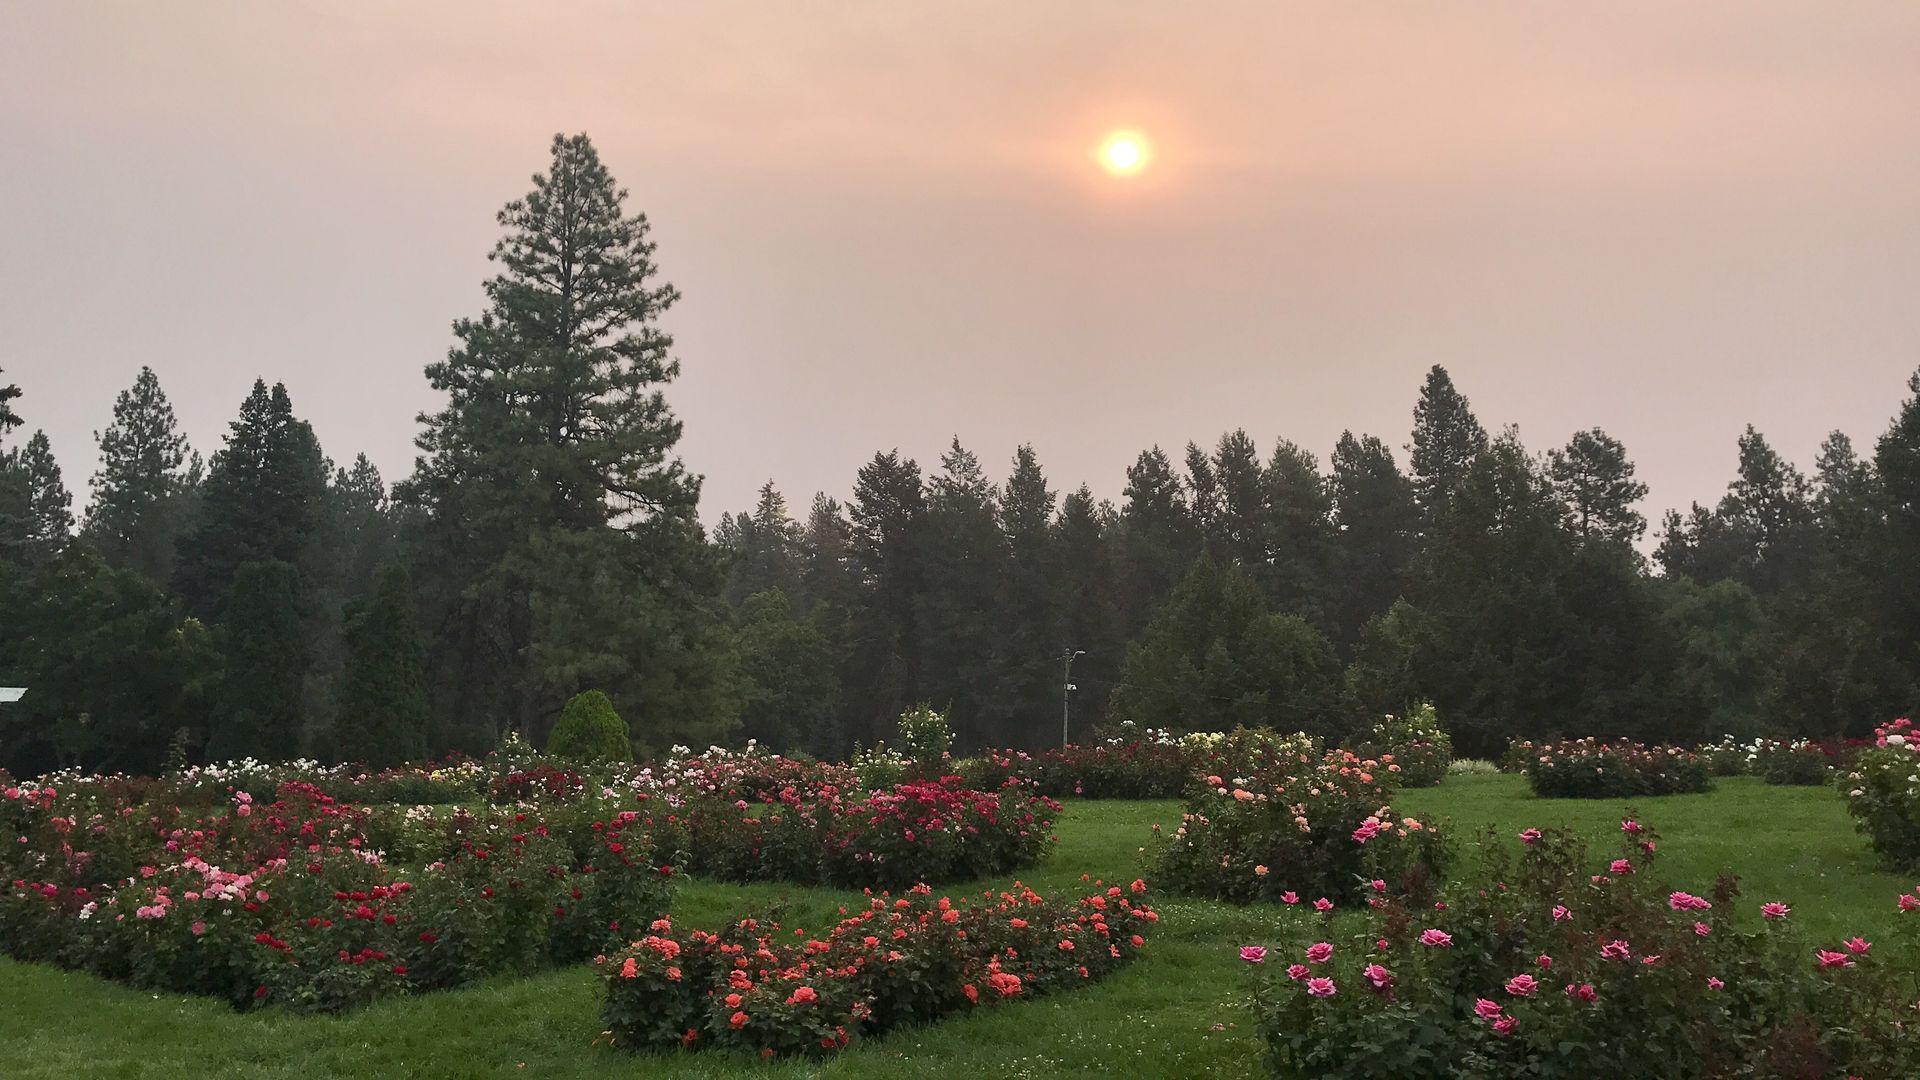 Sun rising amid smoke in local park in Spokane, WA